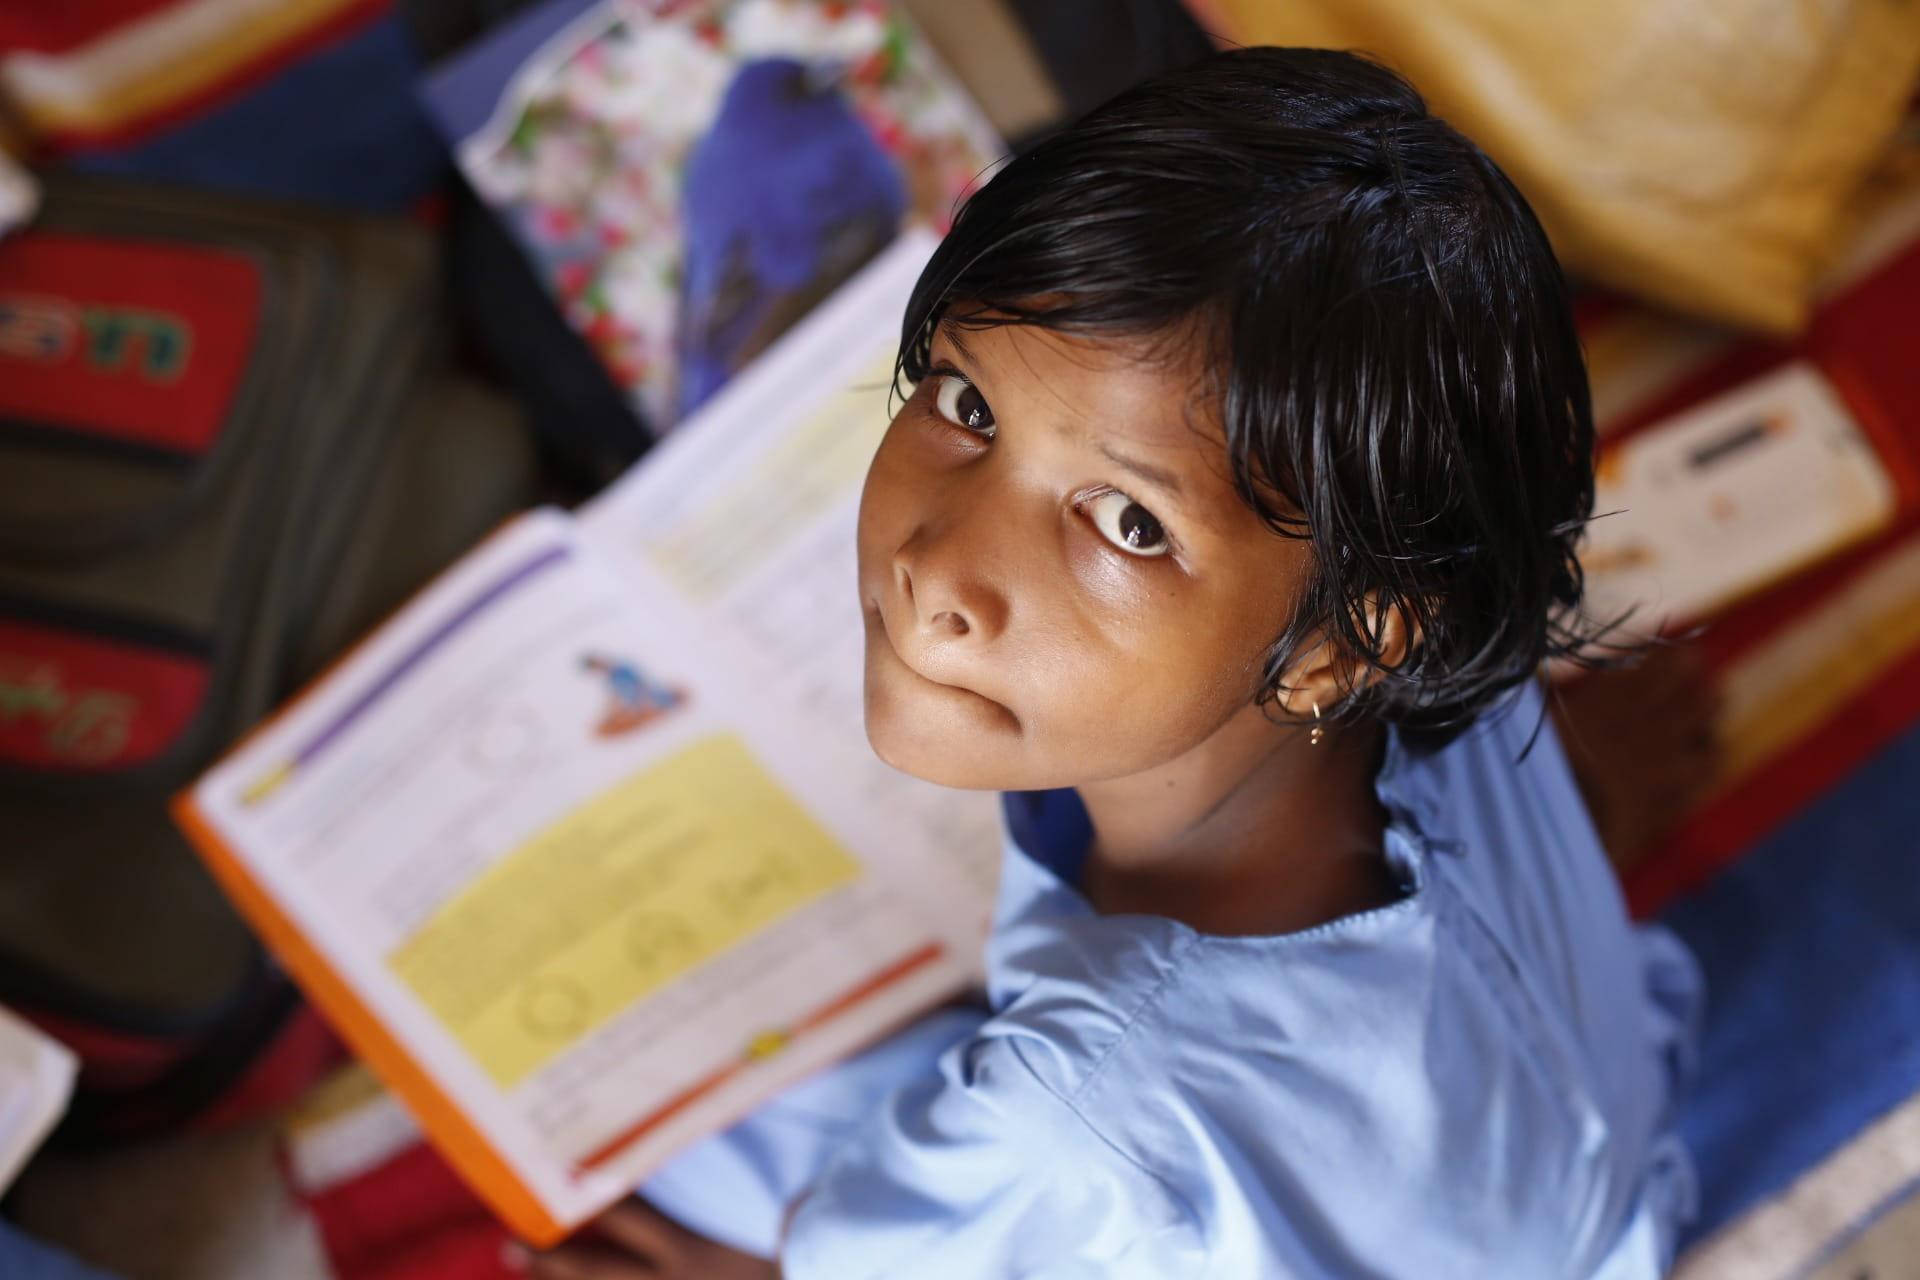 Menina olhando para a câmera, com livro na mesa. Imagem ilustrativa texto biblioterapia.